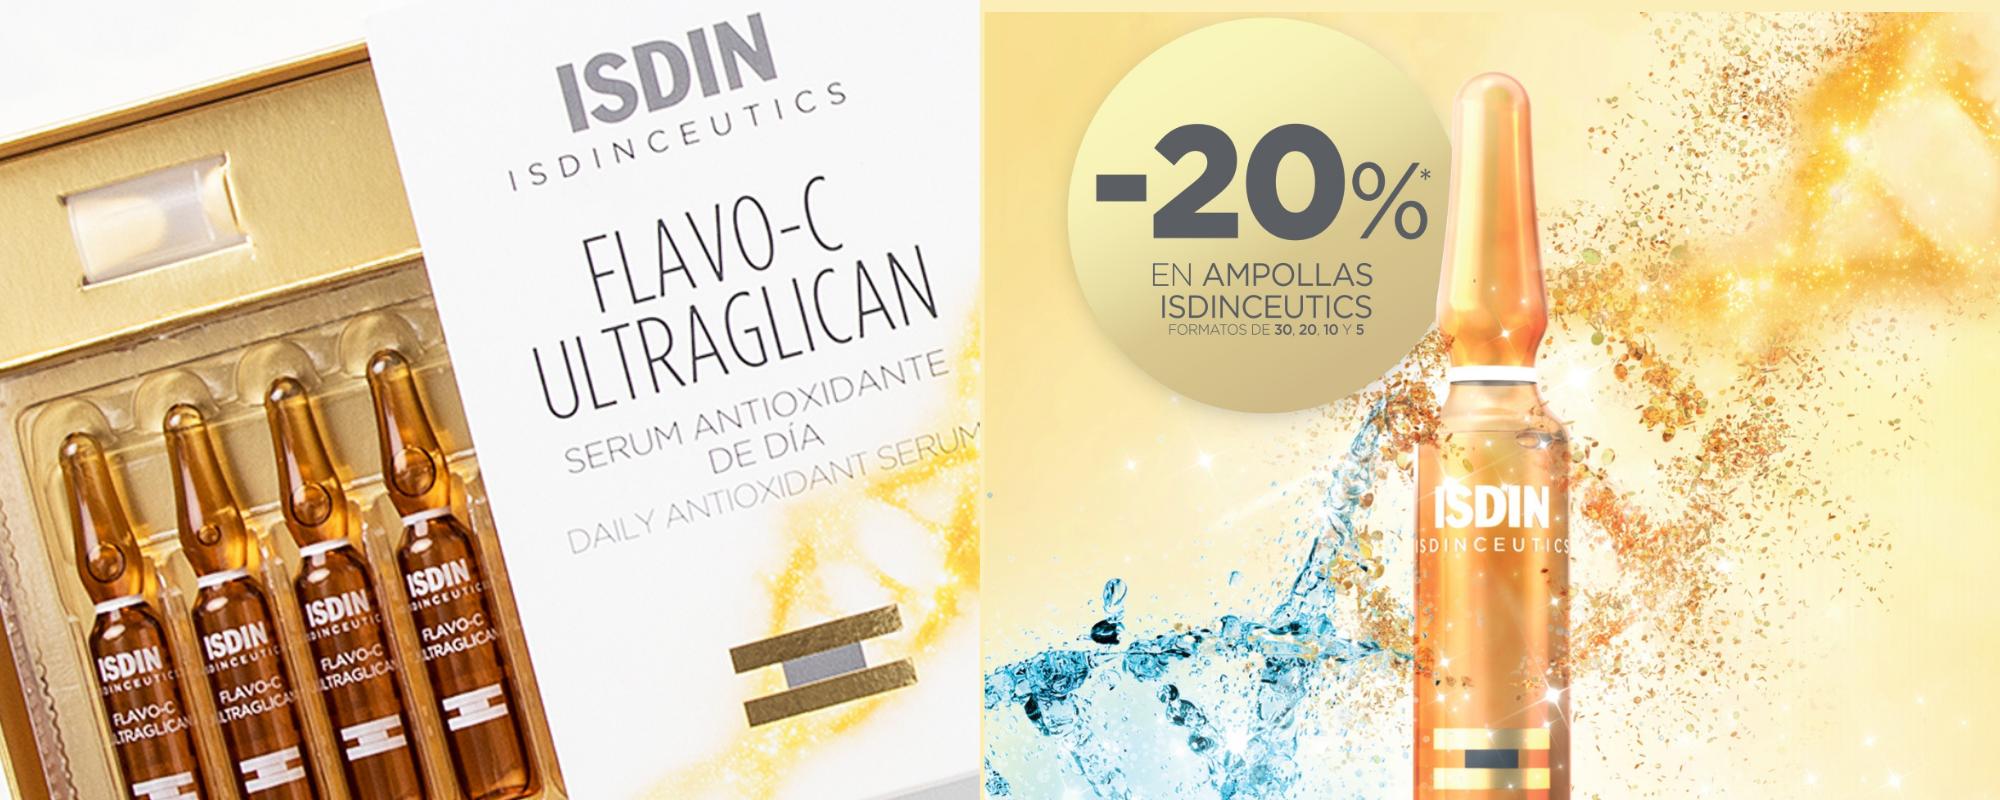 Isdinceutics ampollas - Banner Farmacia Ciudad Alta